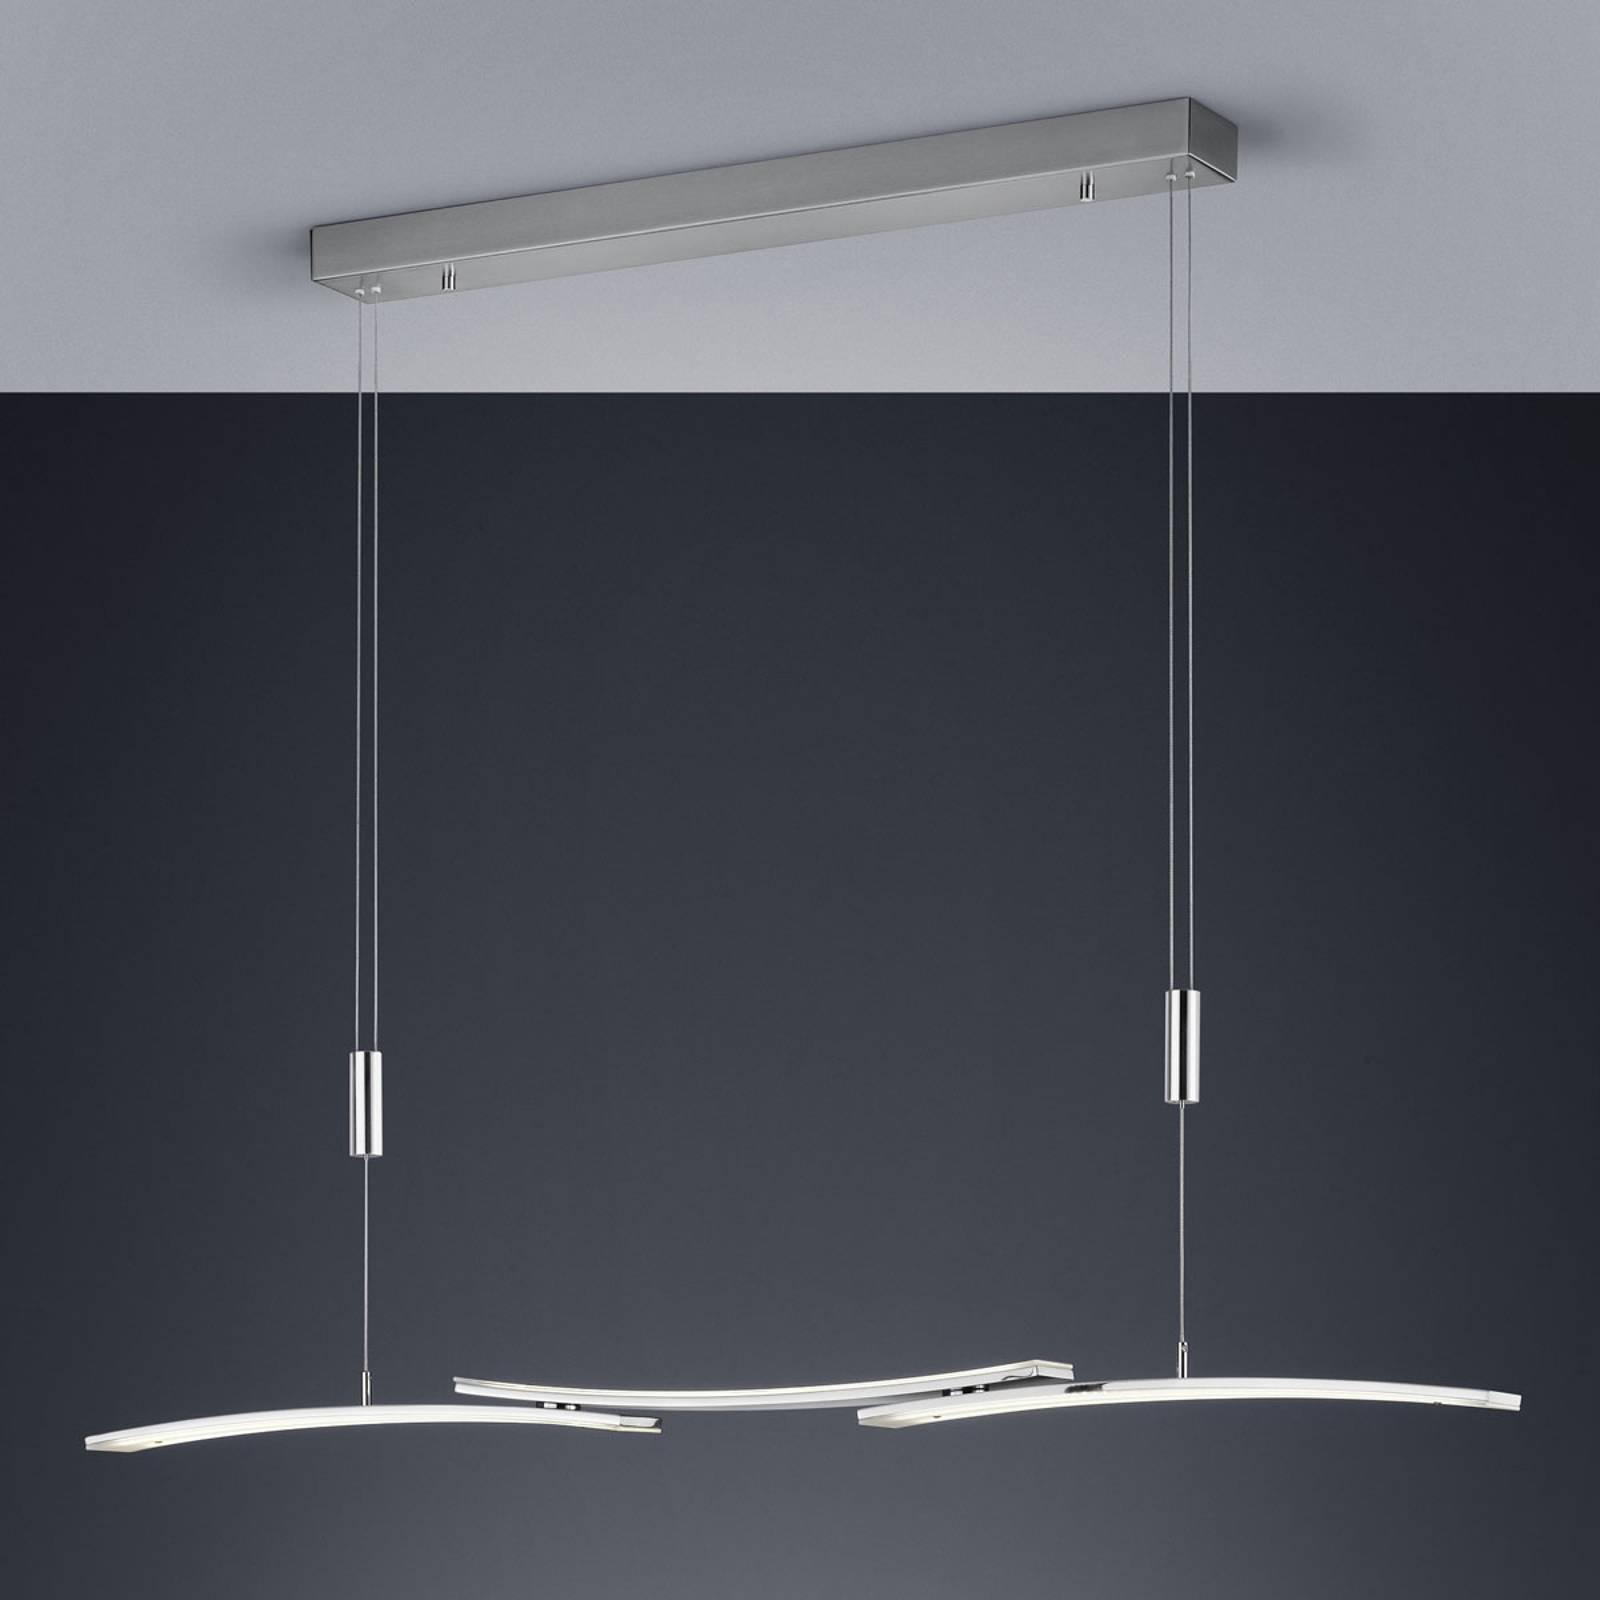 BANKAMP 2138/3-92 LED-riippuvalaisin nikkeli matta